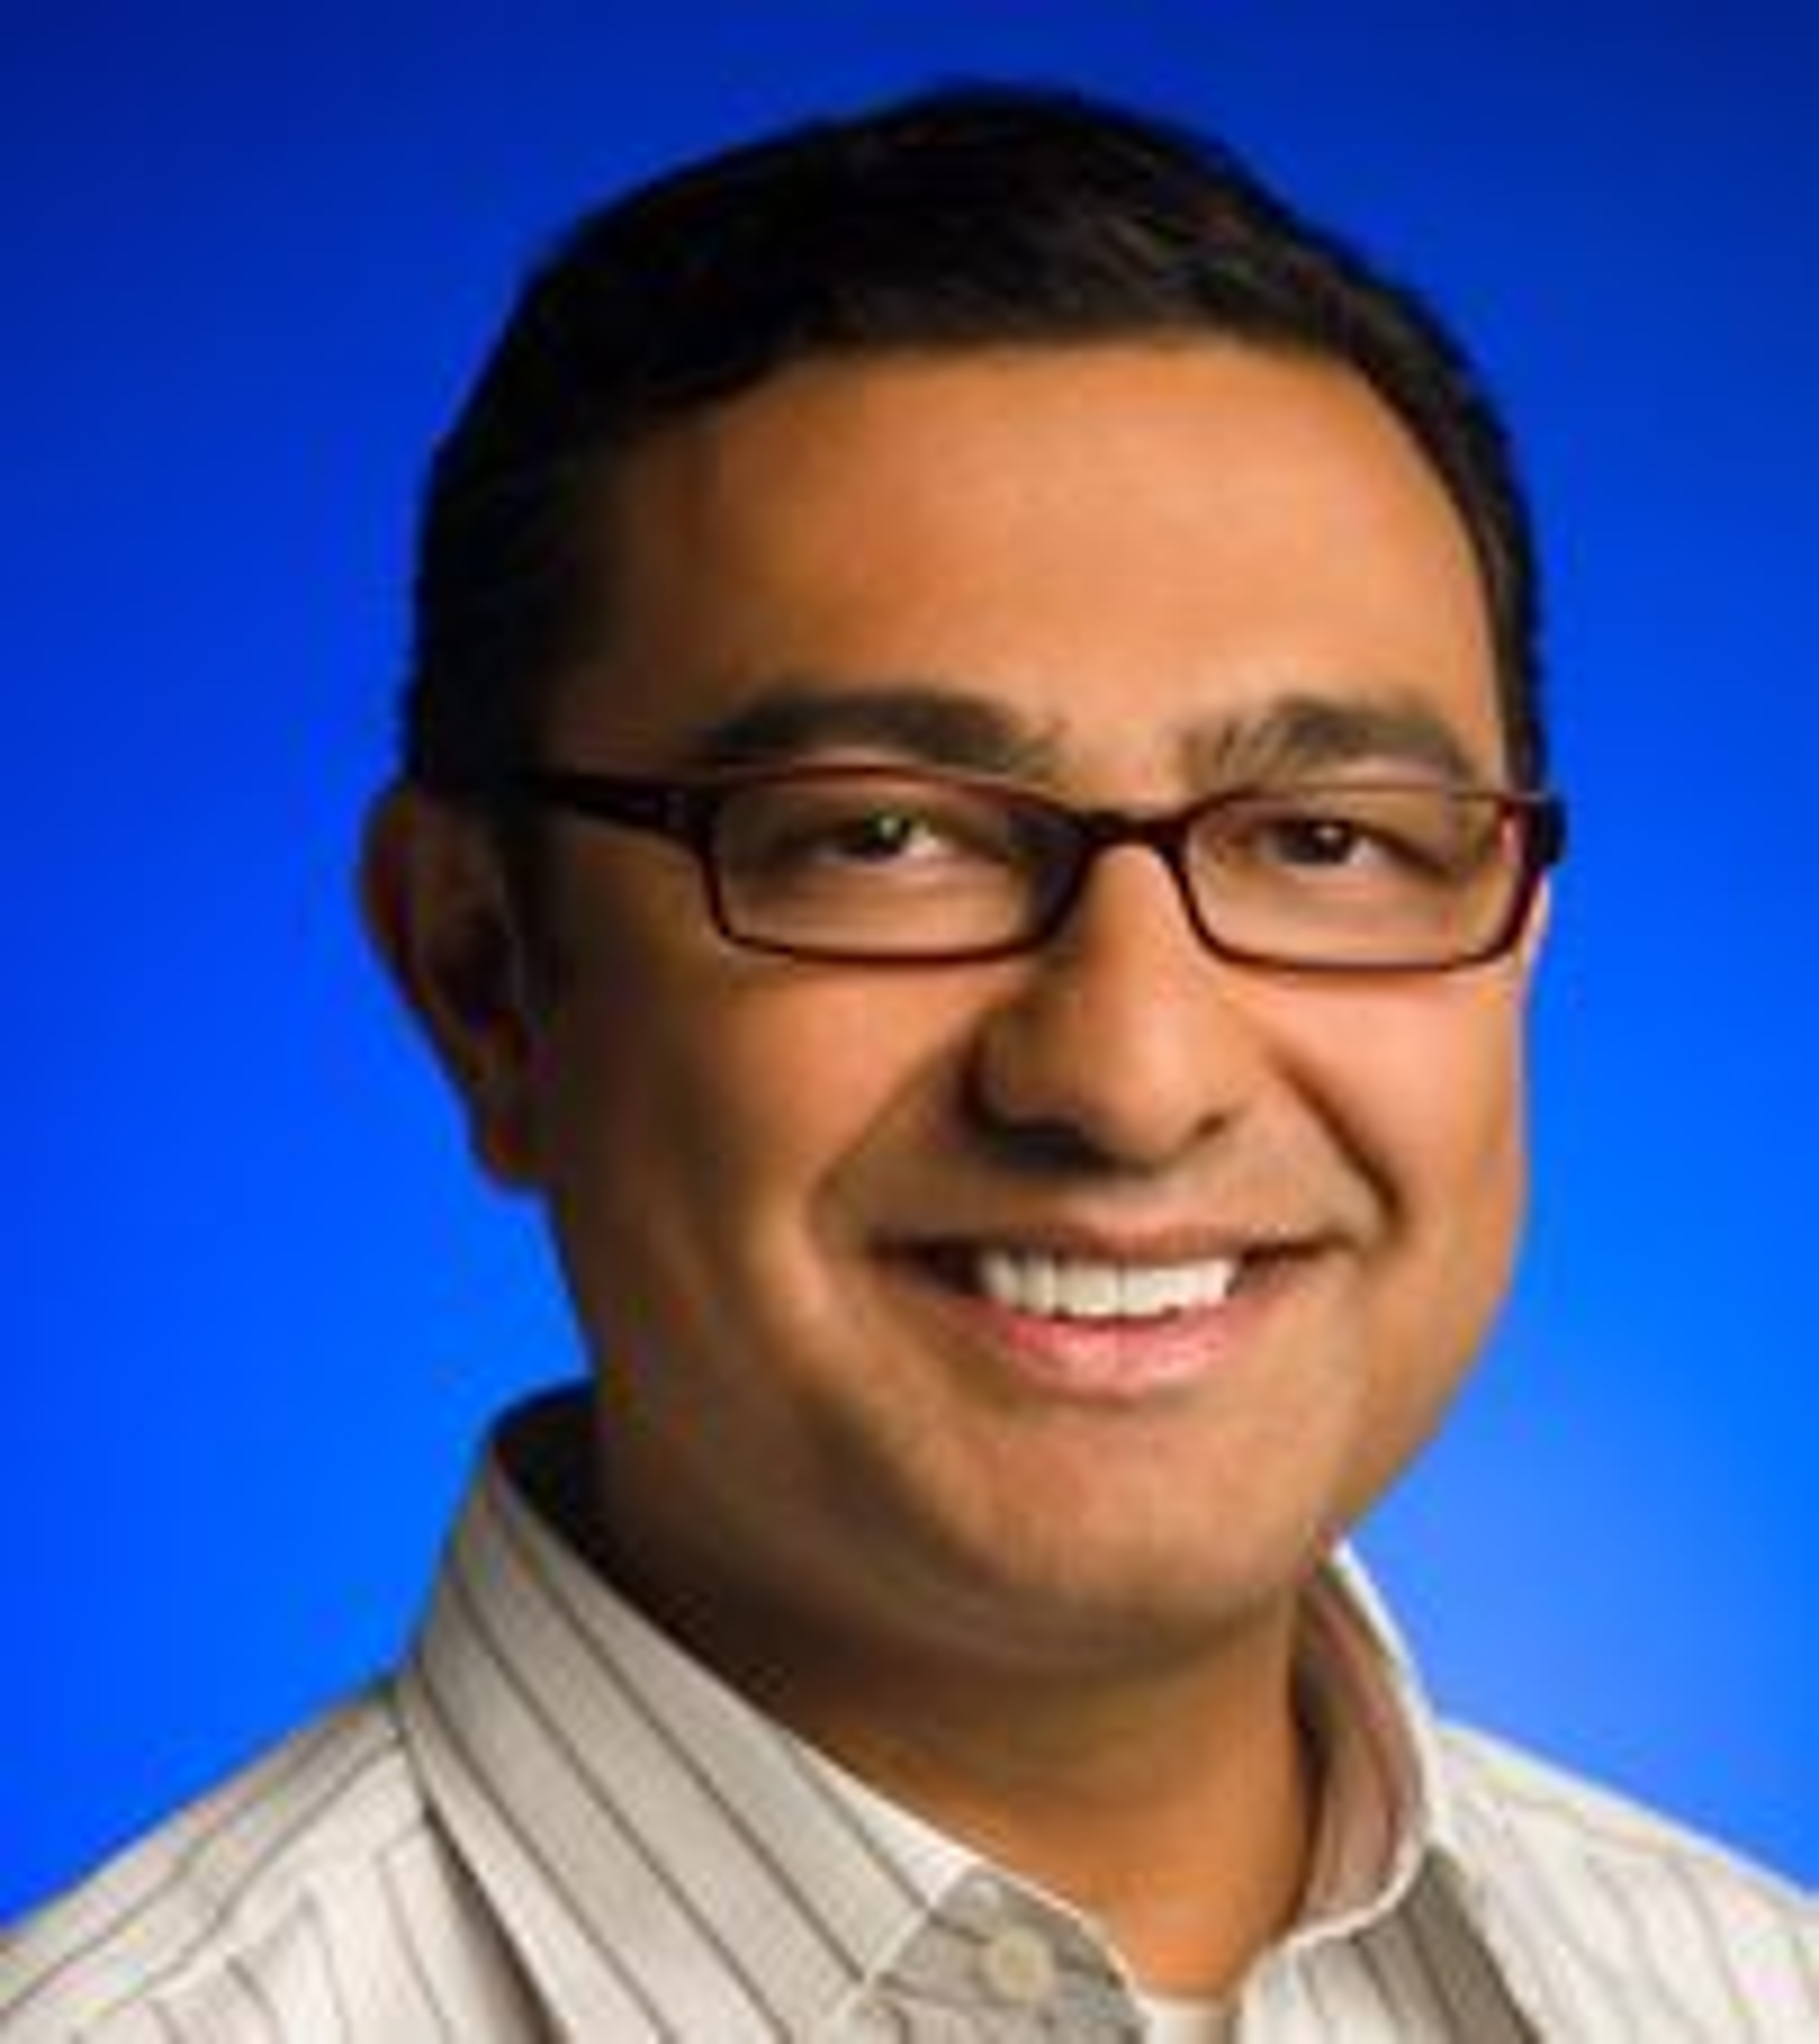 Vic Gundotra er visepresident for teknologi og sosiale tjenester i Google.